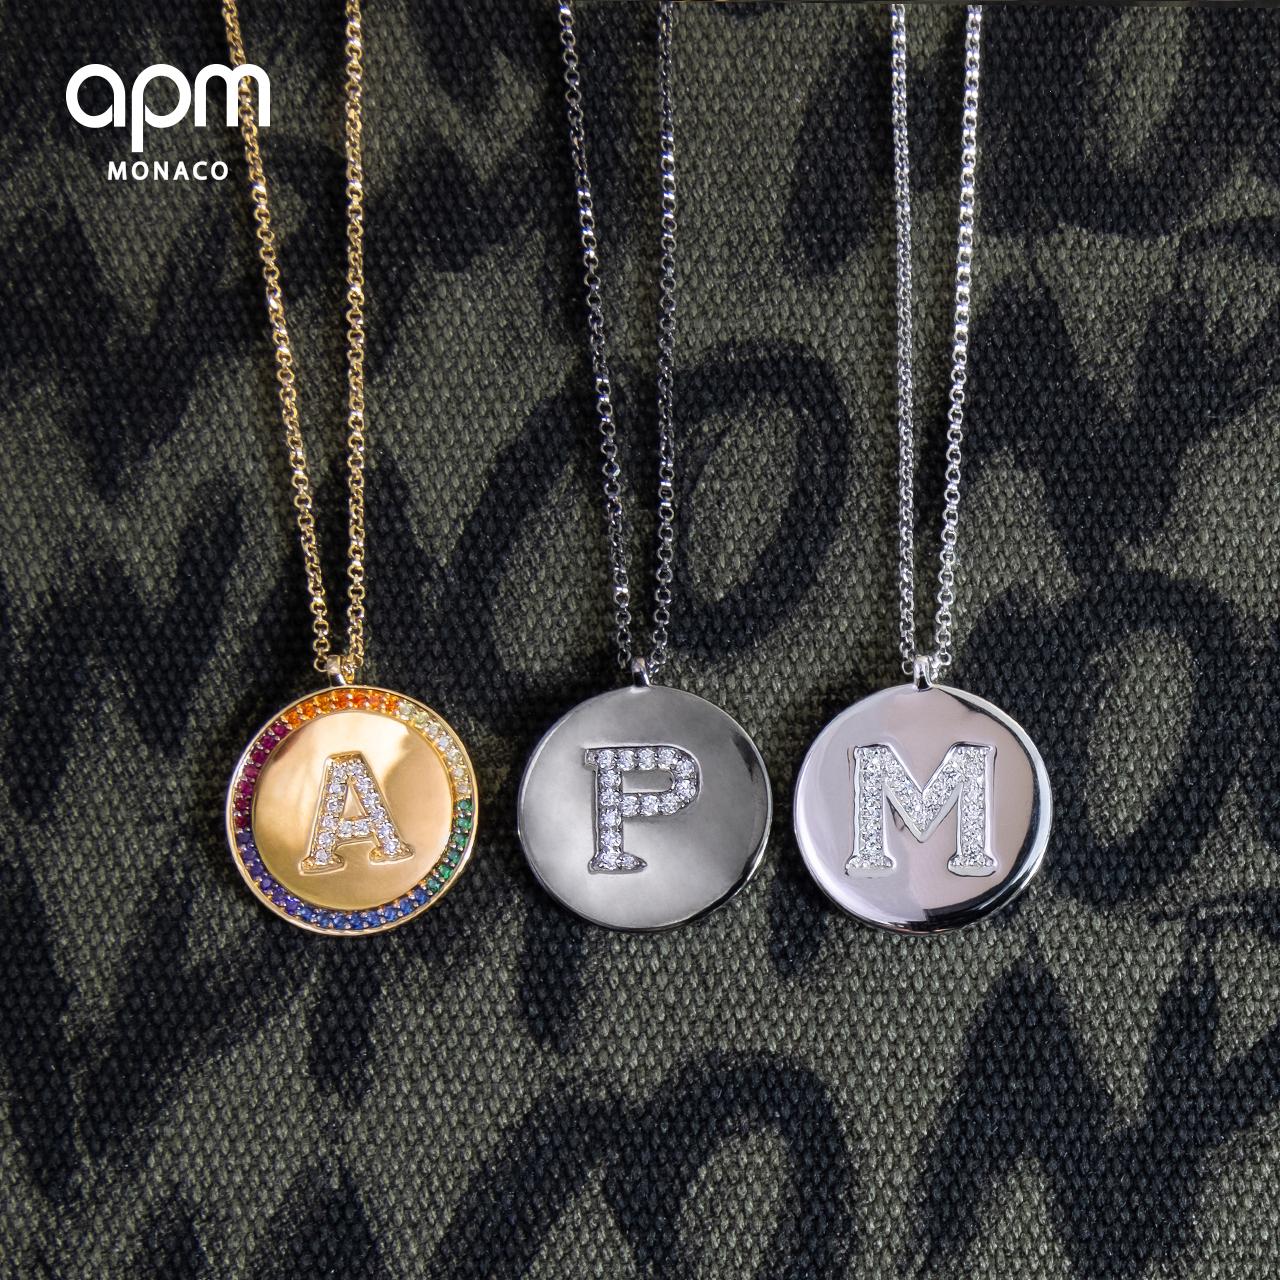 APM Monaco彩虹金色刻字图案定制字母项链女情侣锁骨链送女友礼物